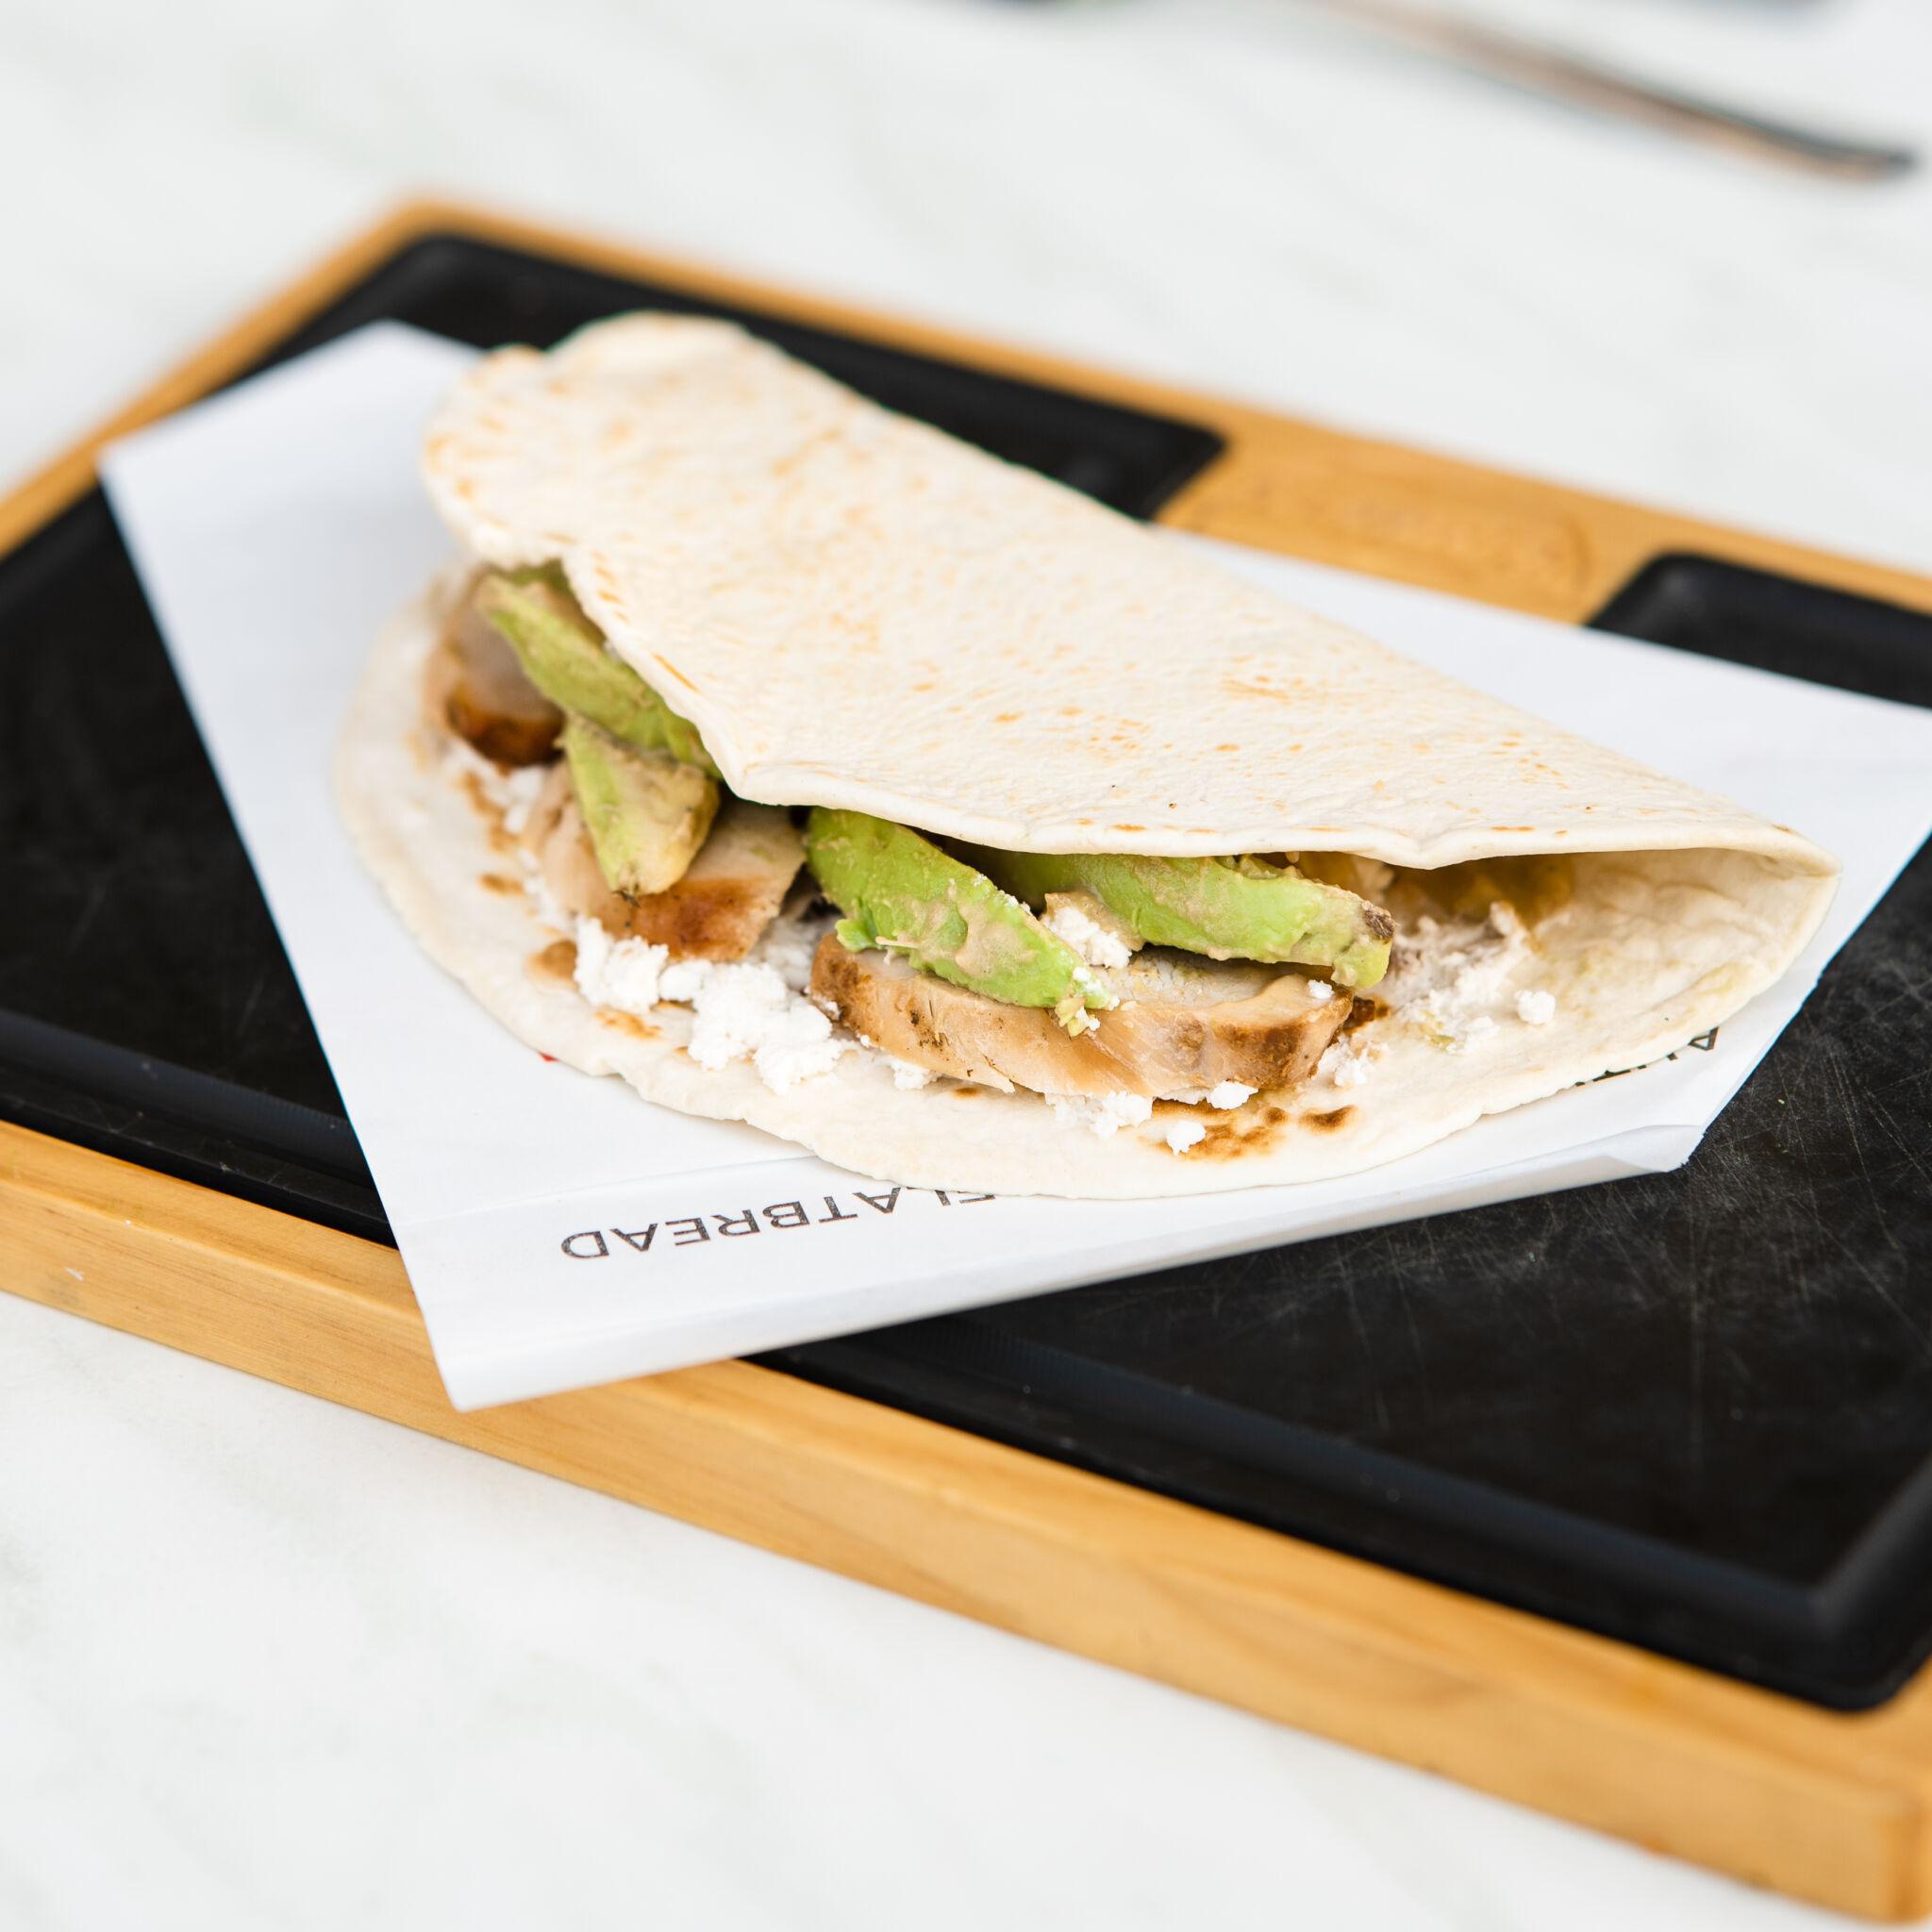 piadera Chicken-Avocado-scaled-e1584196076420 our menu